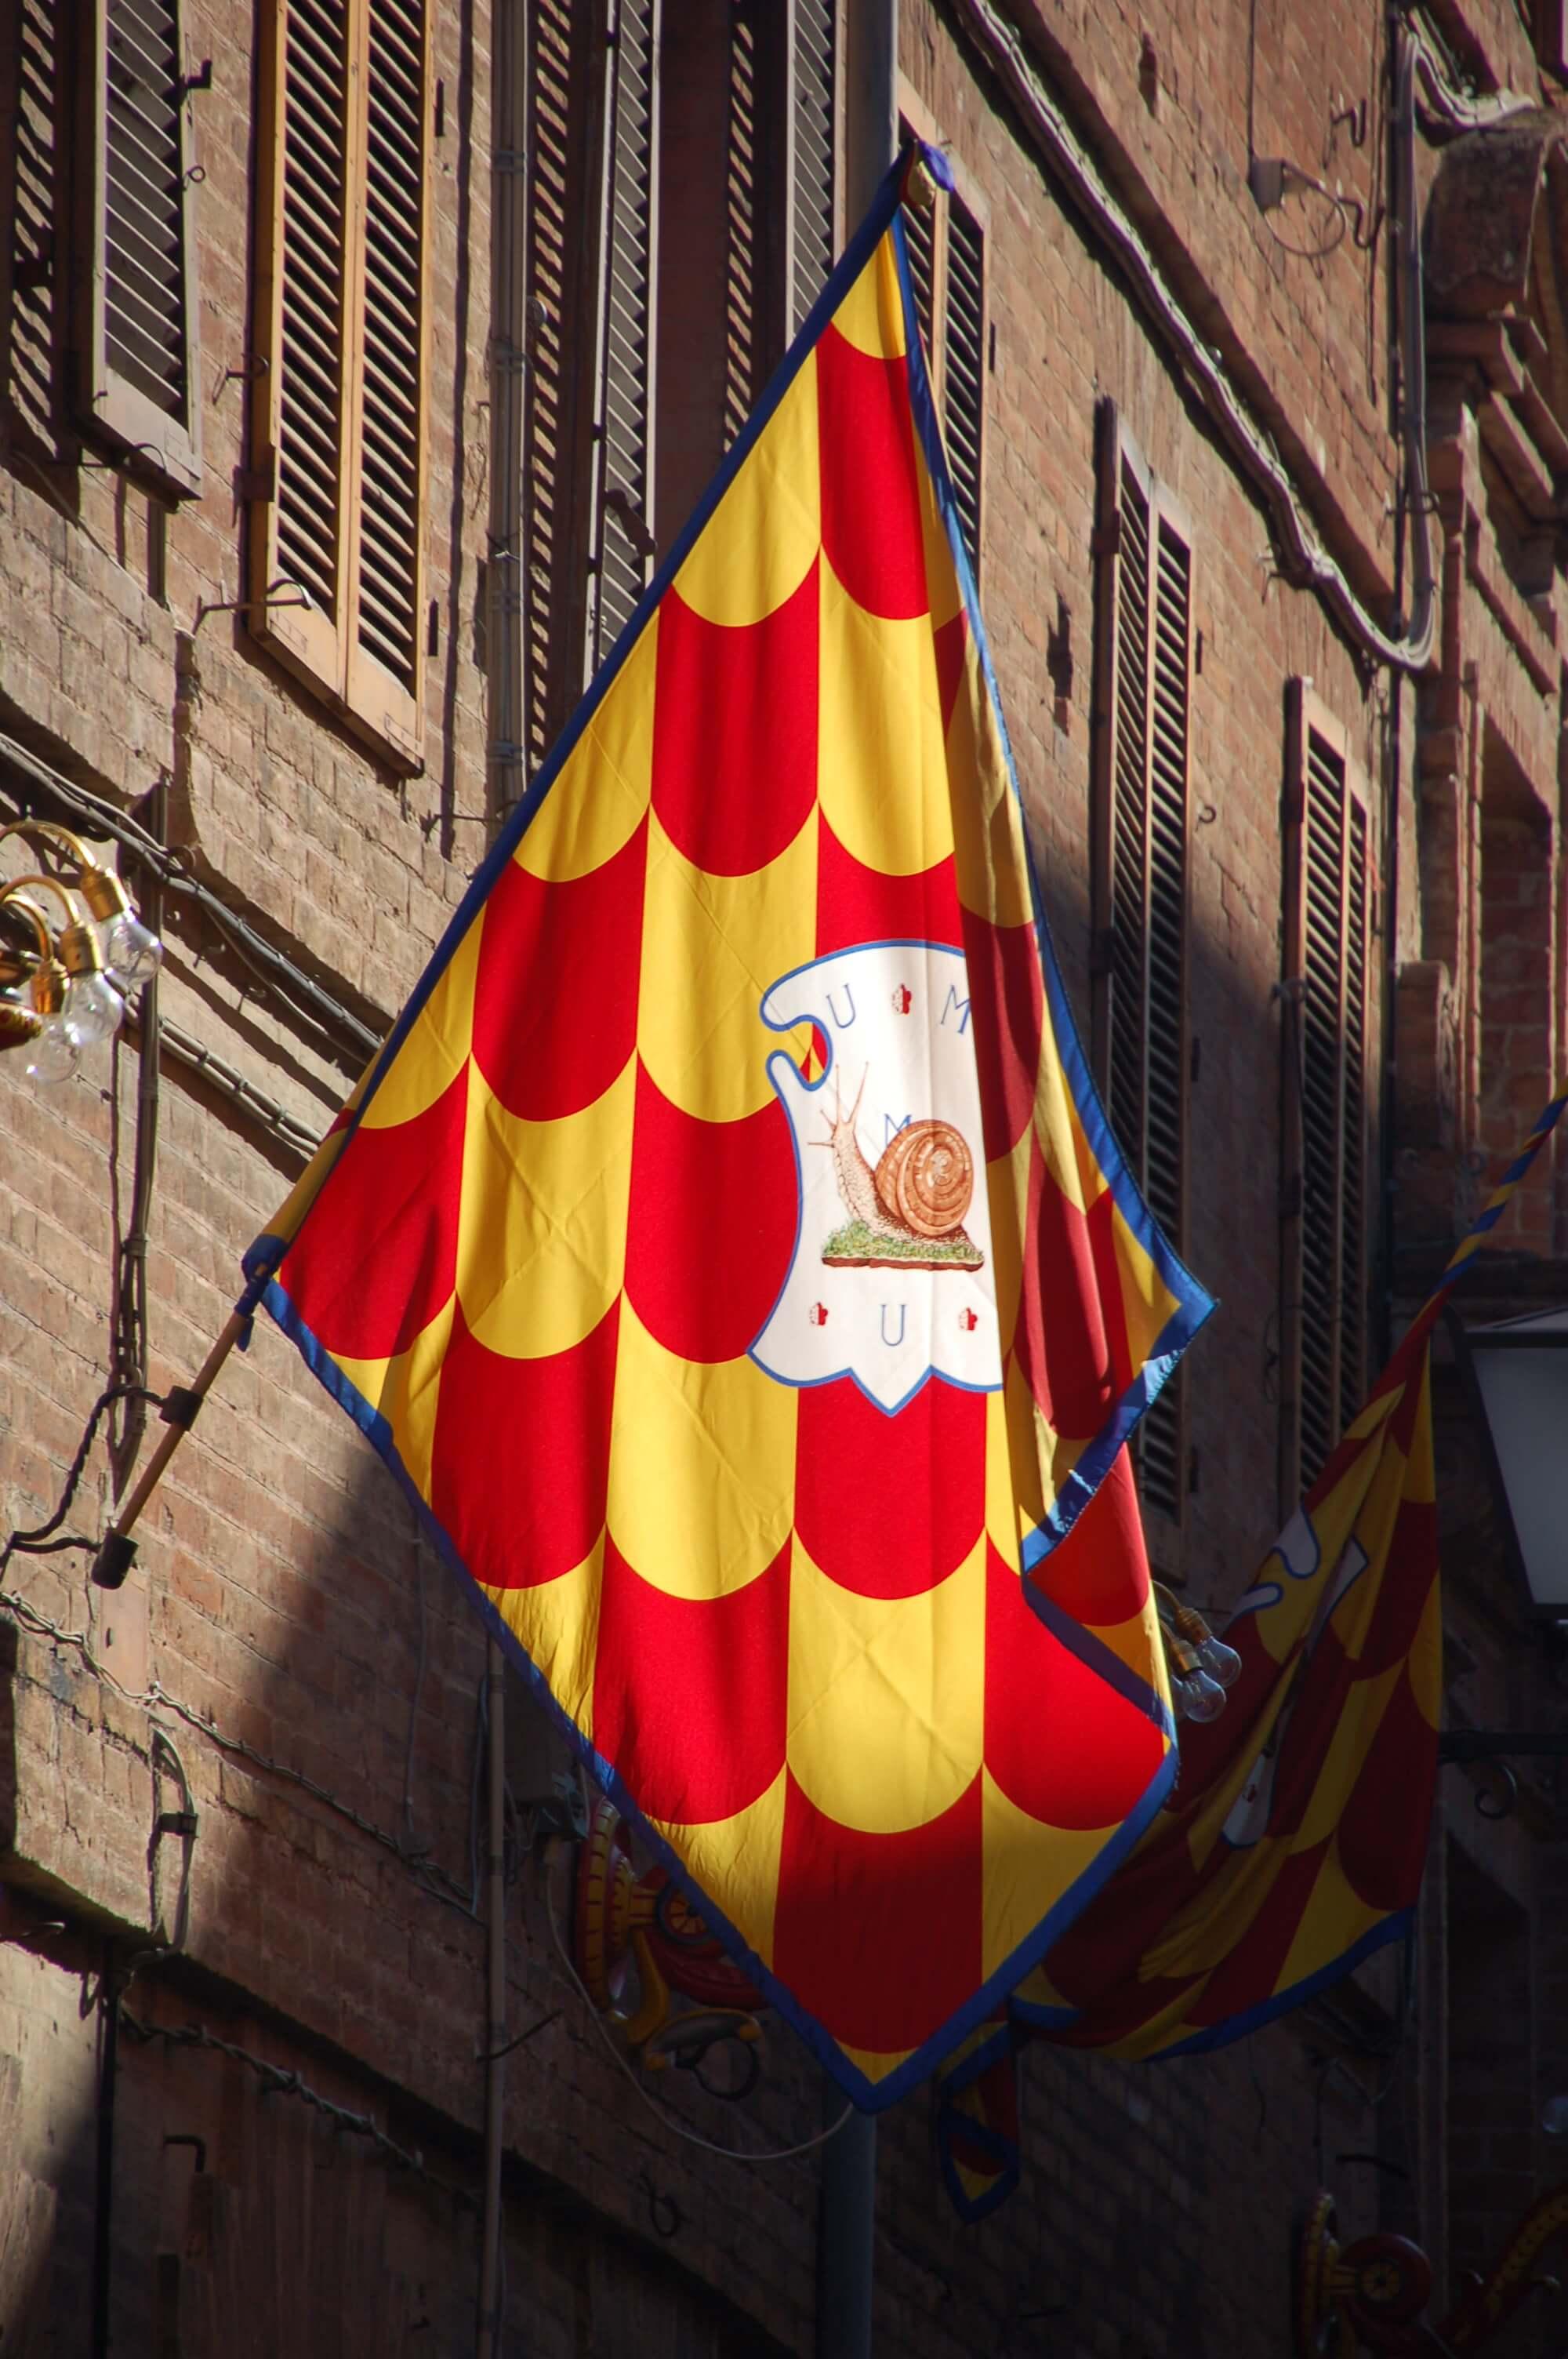 Snail Contrade Flag